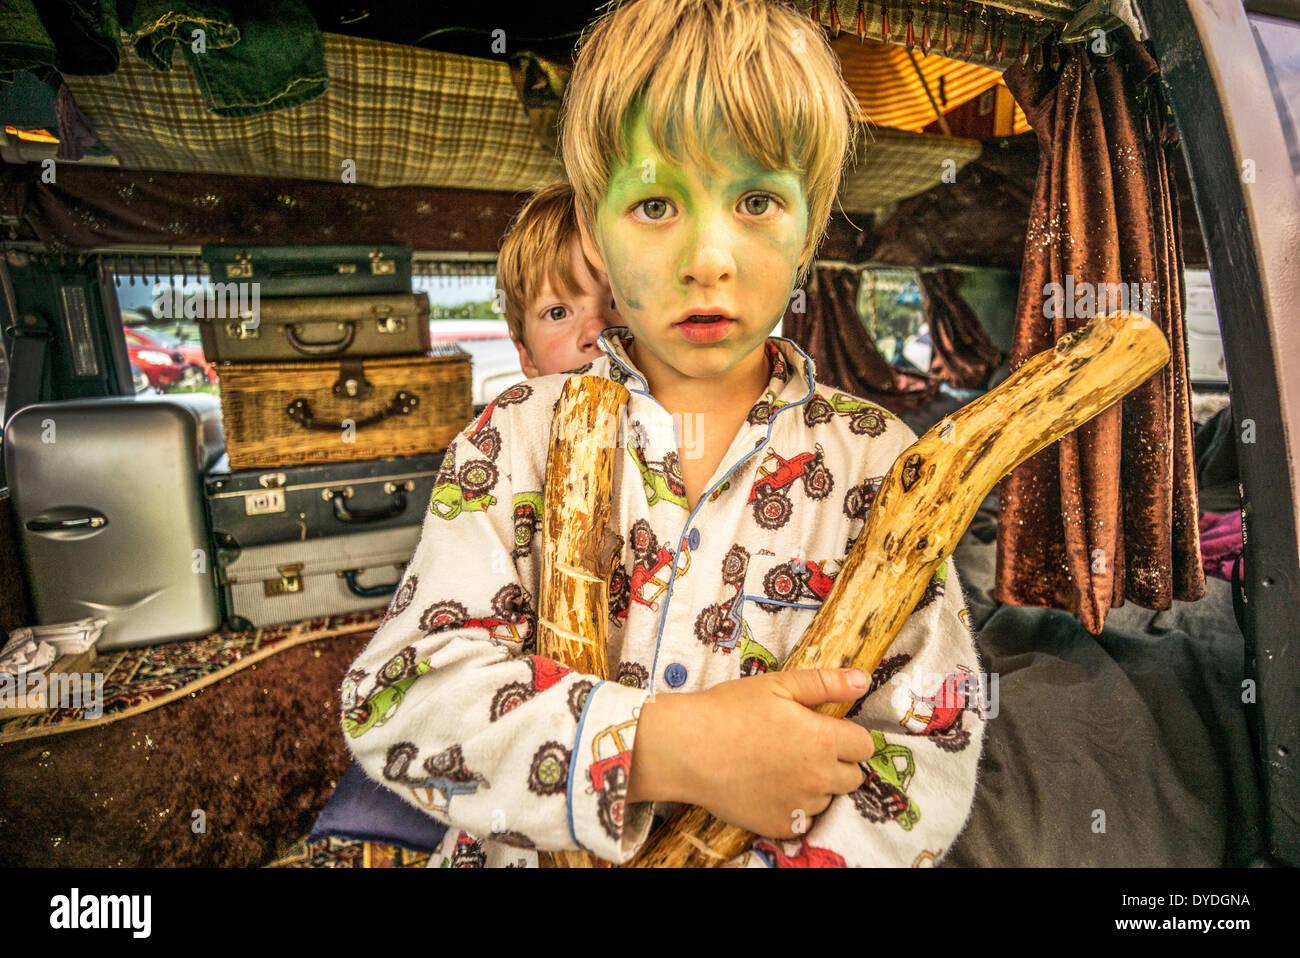 Dos niños divirtiéndose en un VW camper van en un festival. Imagen De Stock